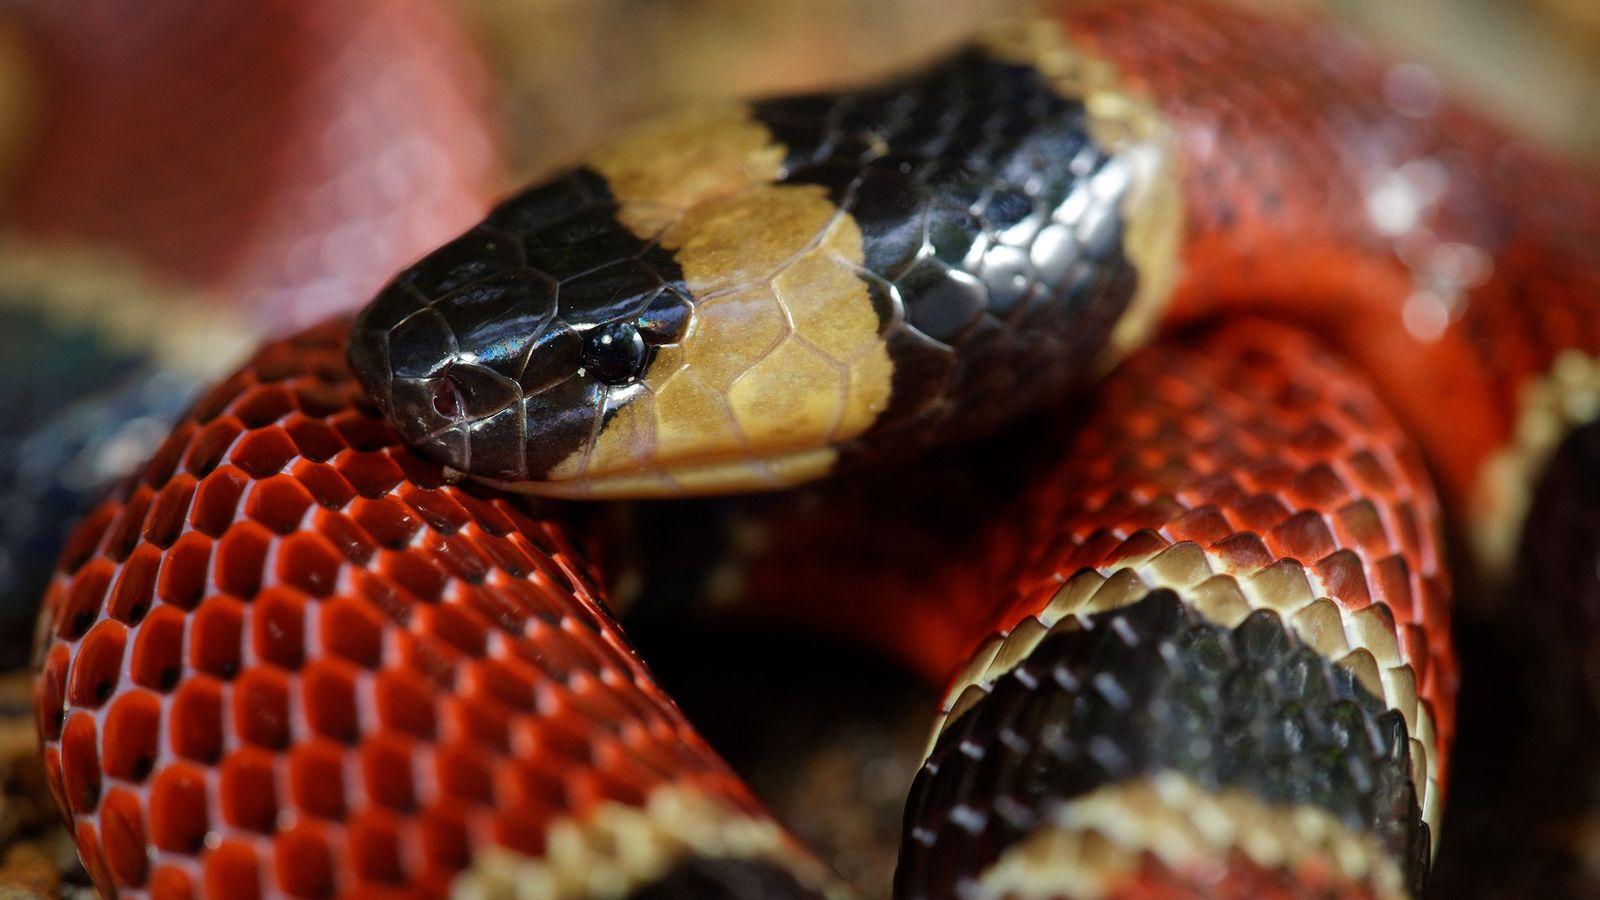 Il n'est pas rare que le serpent corail d'Amérique centrale (Micrurus nigrocinctus) se nourrisse d'autres serpents ...